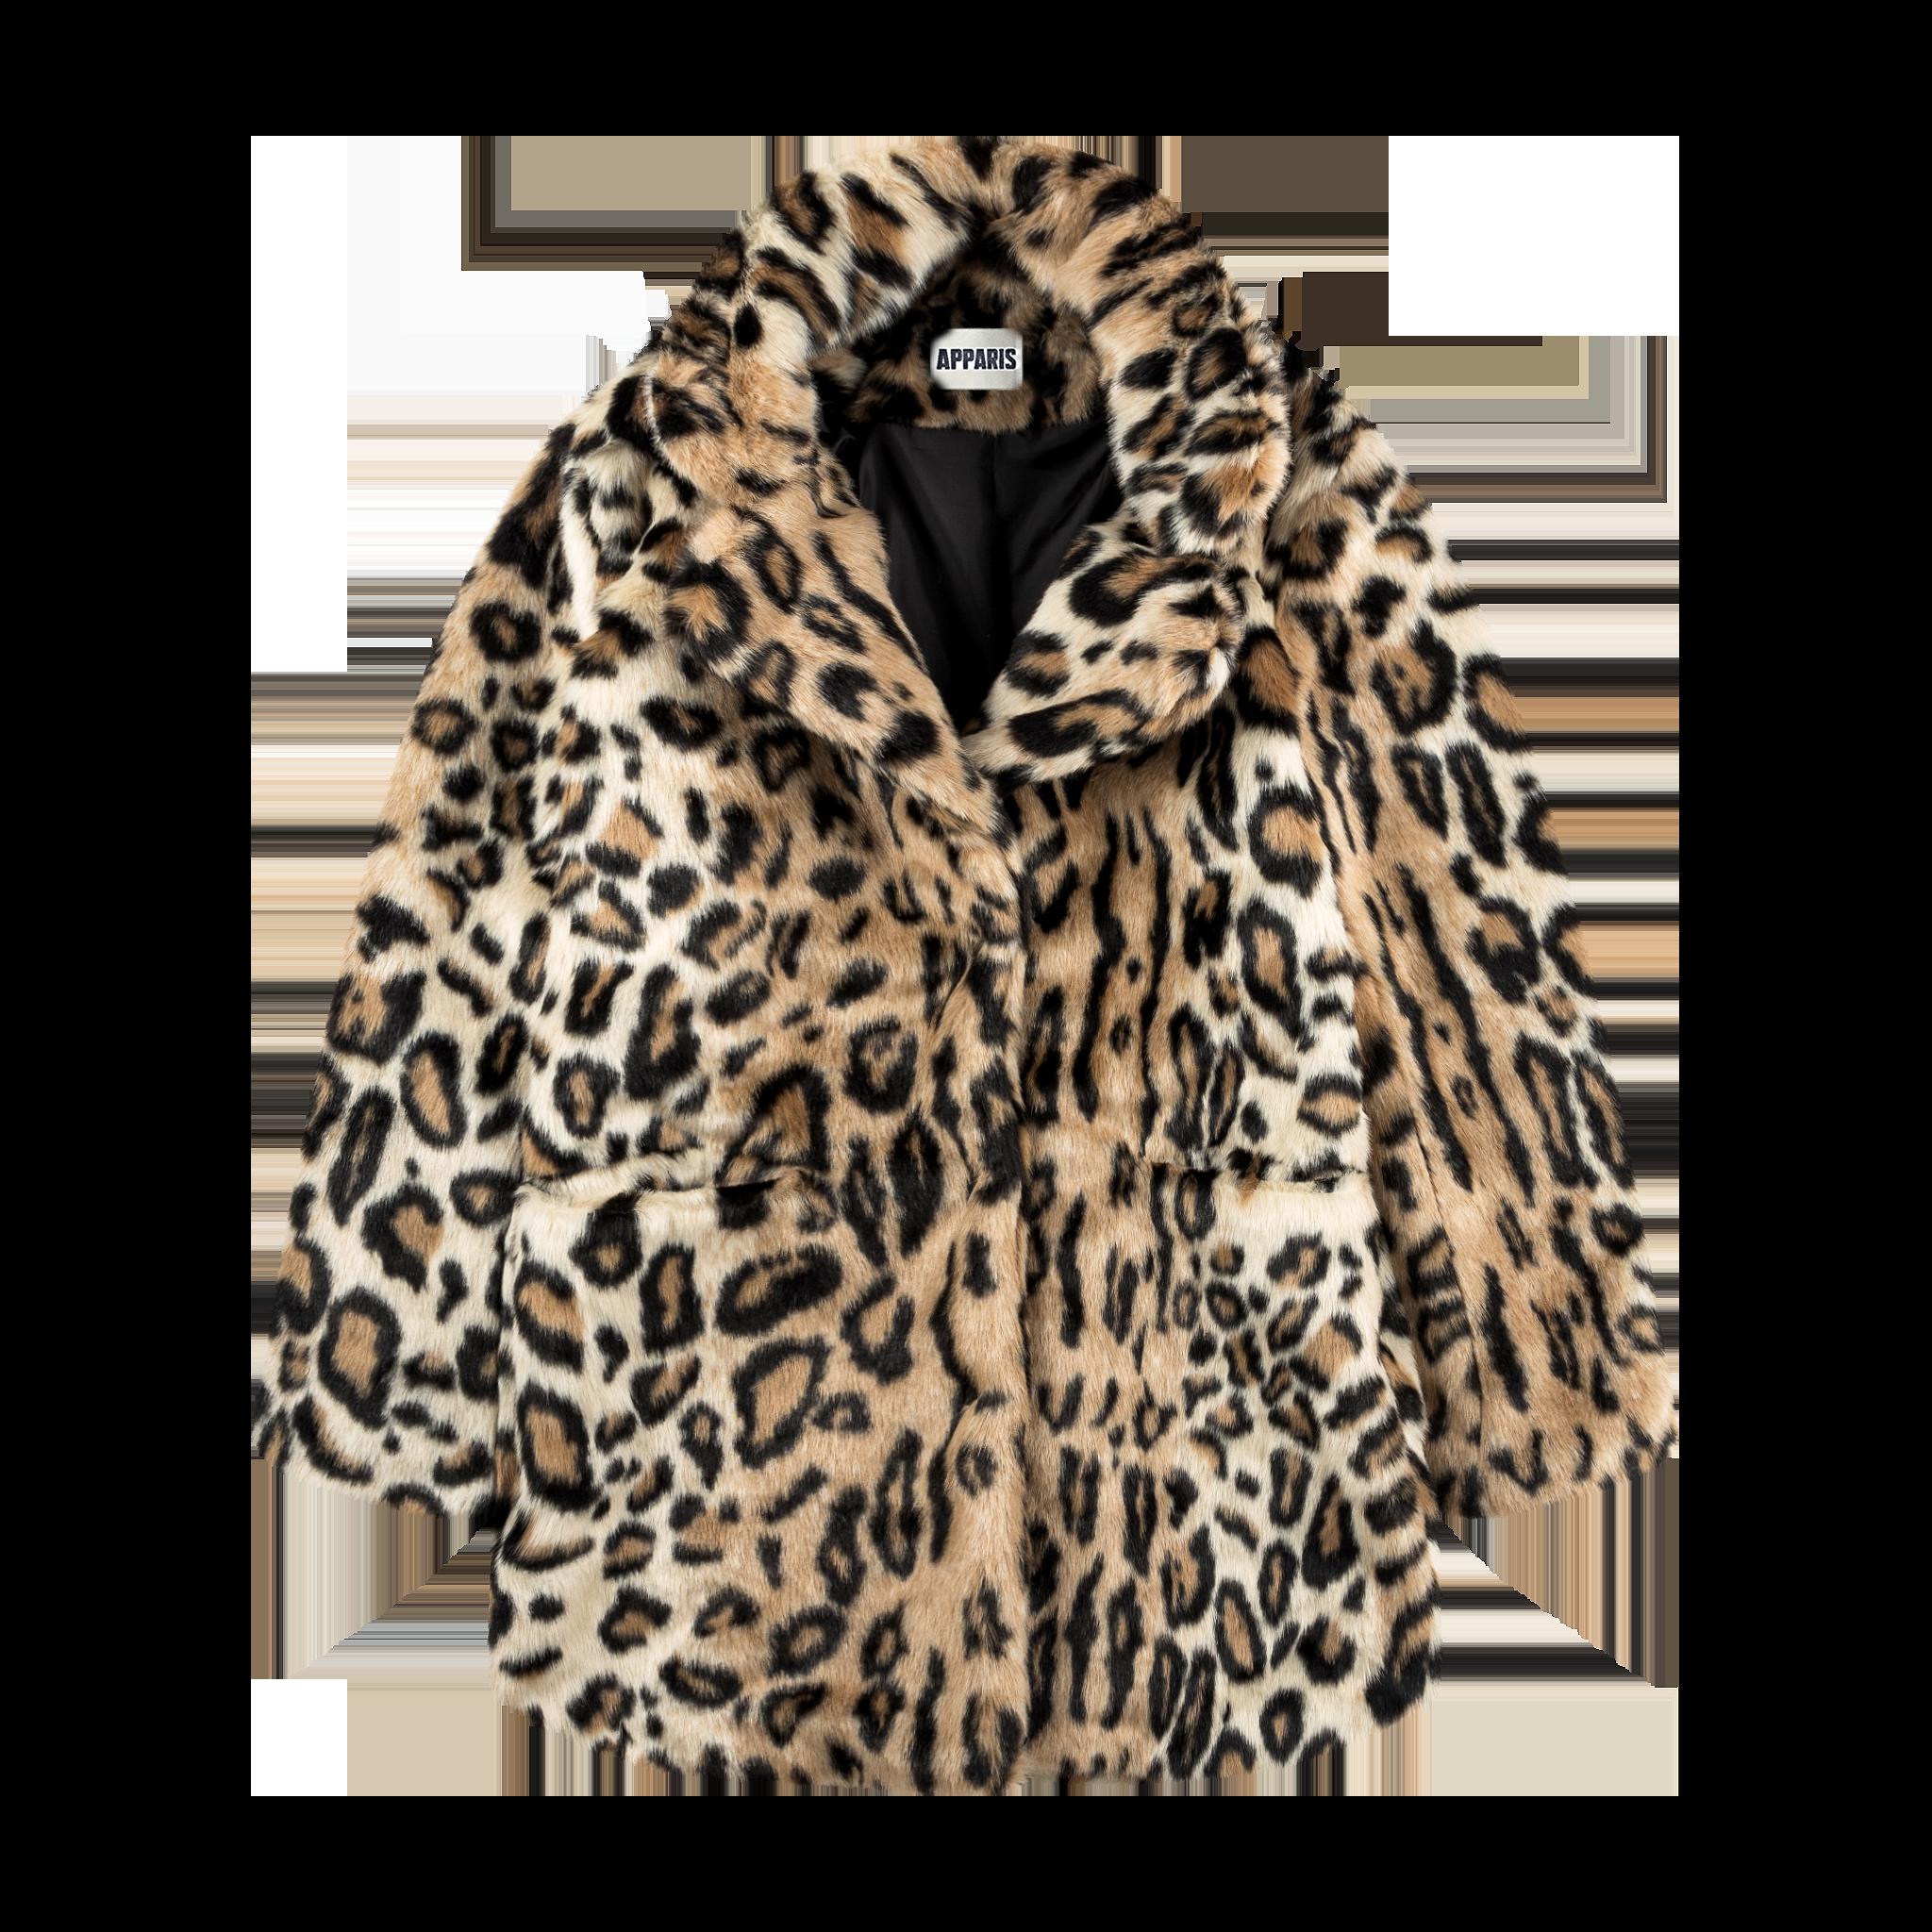 Apparis Coat -